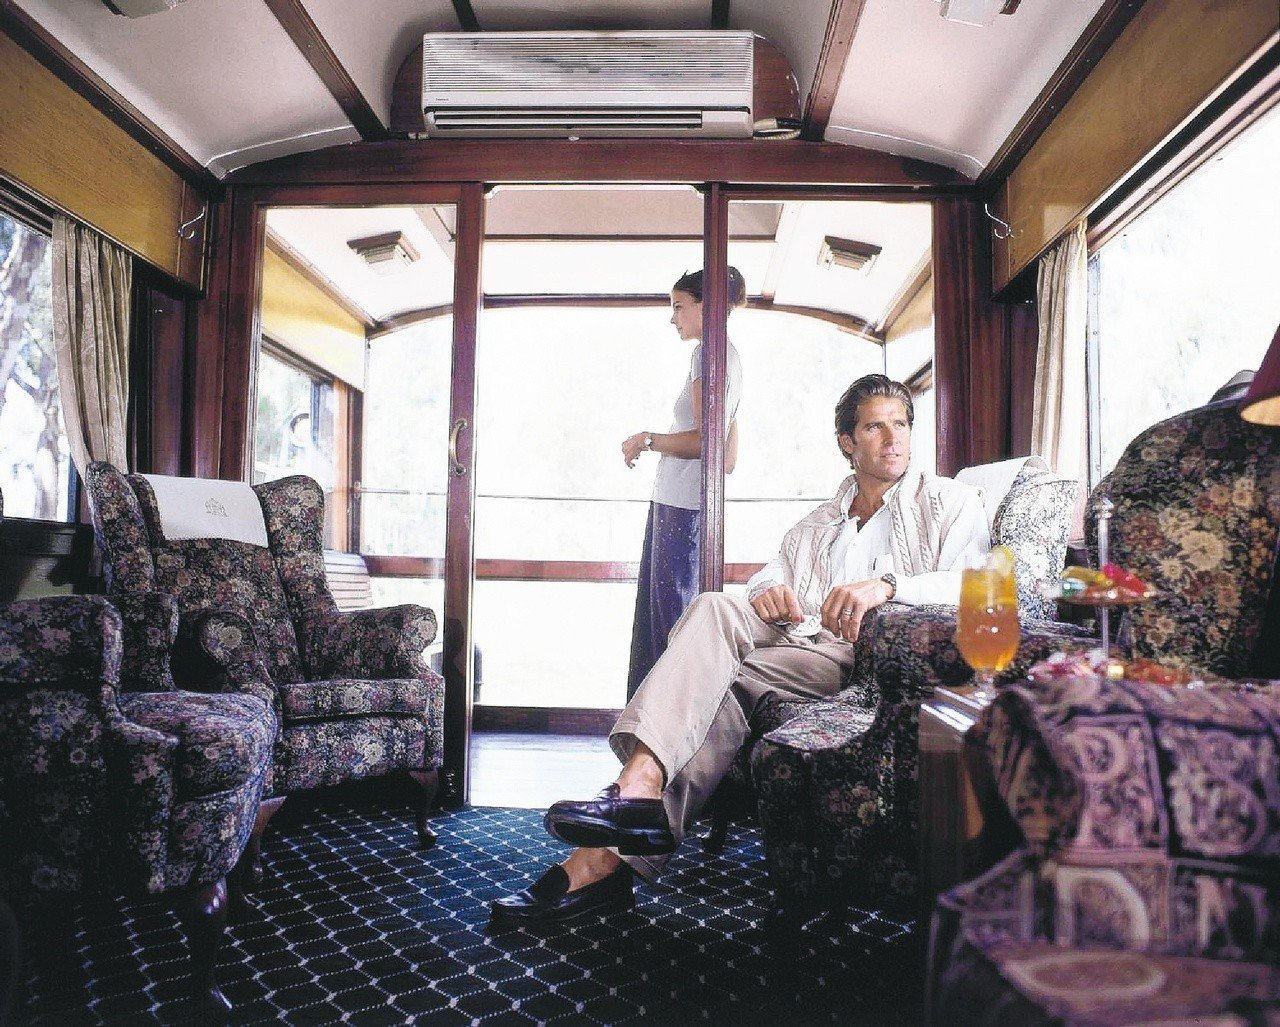 「非洲之傲」豪華列車主打維多利亞式的華貴。圖/Rovos Rail提供